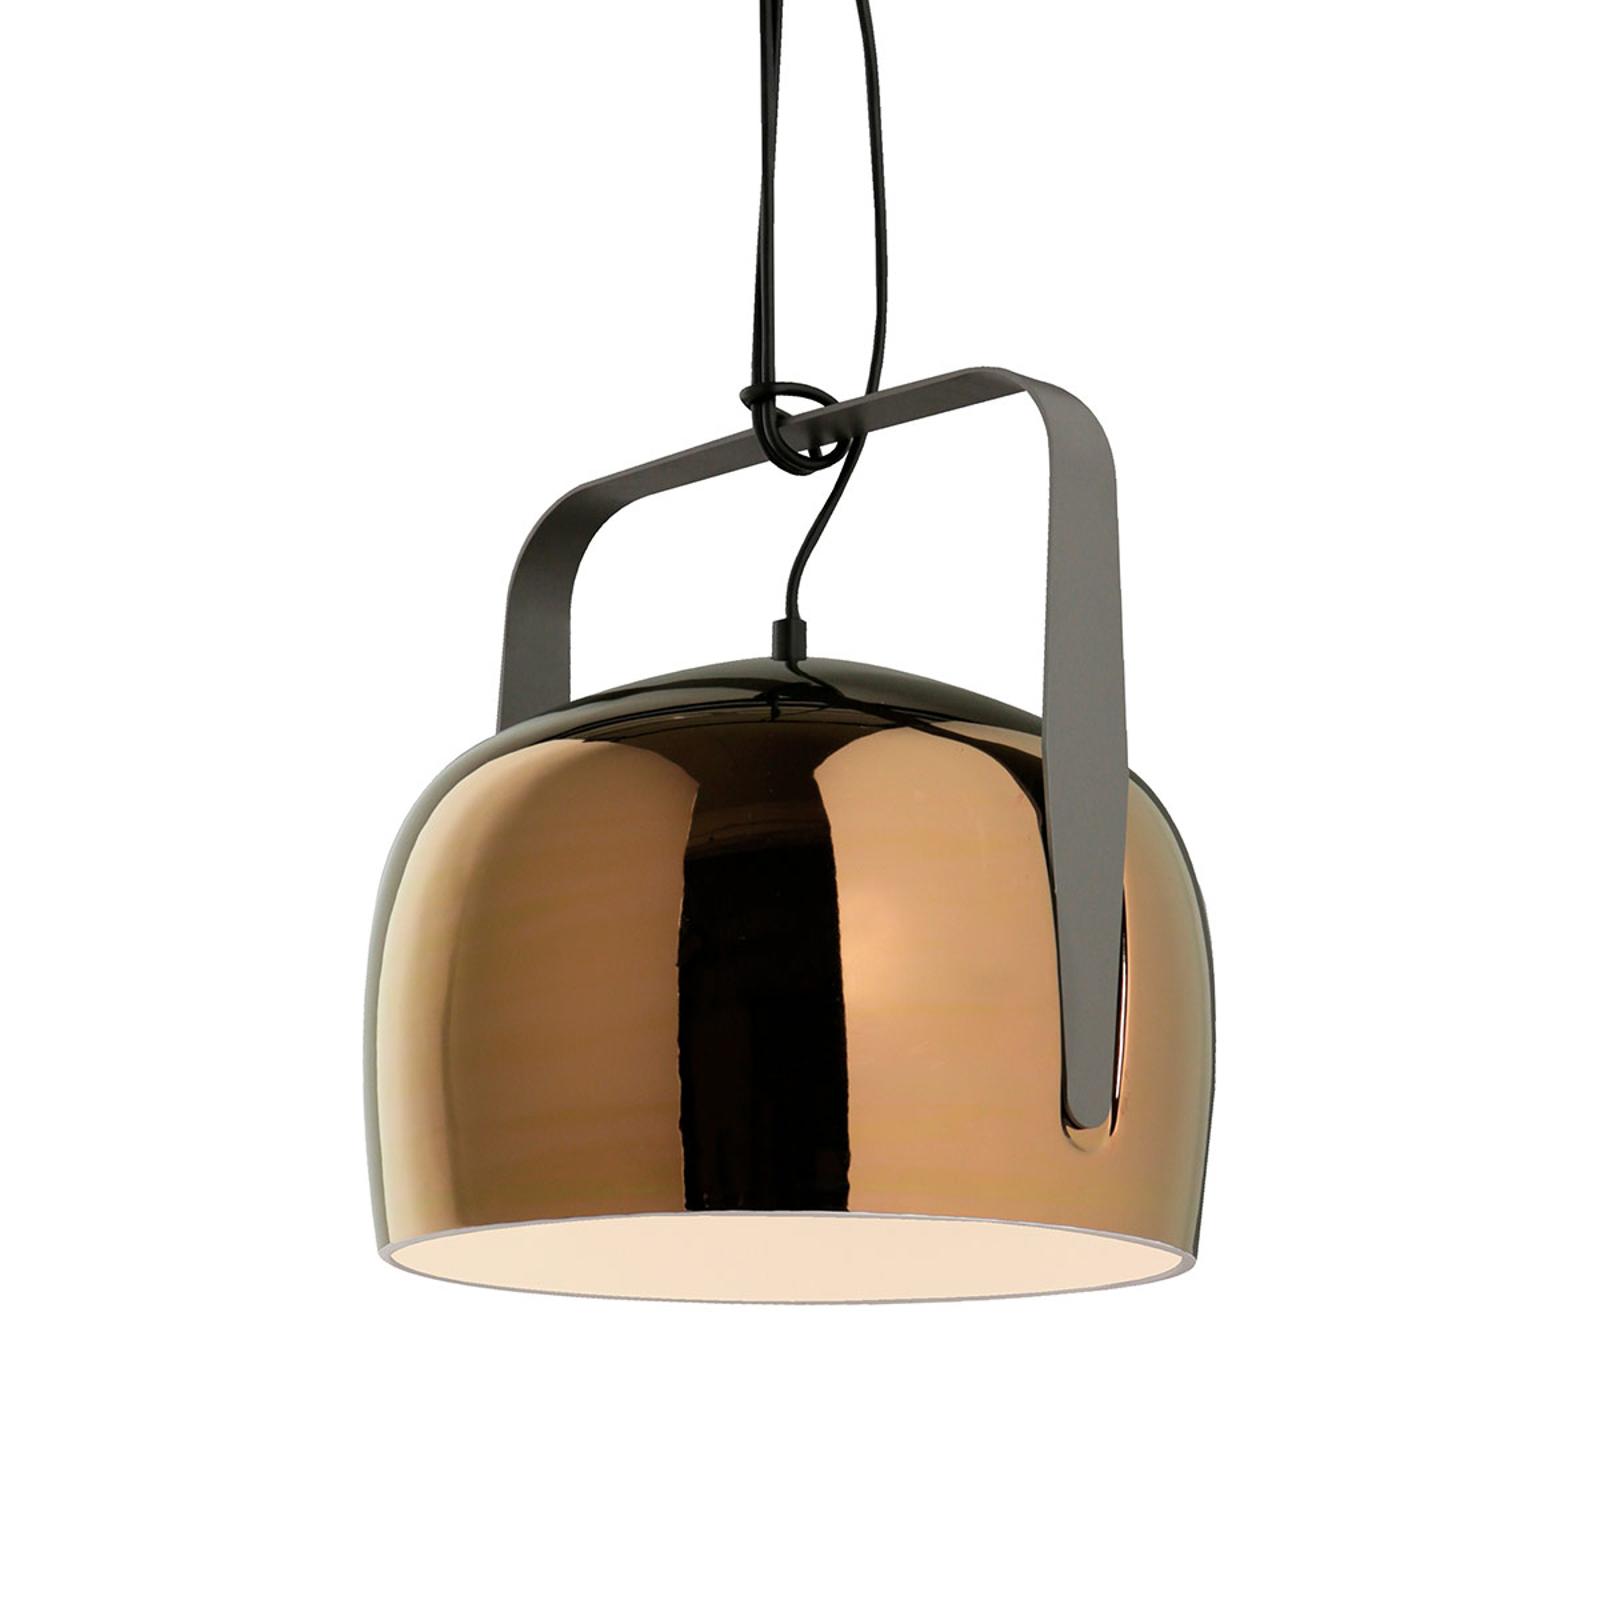 Karman Bag - hanglamp, 21 cm, brons